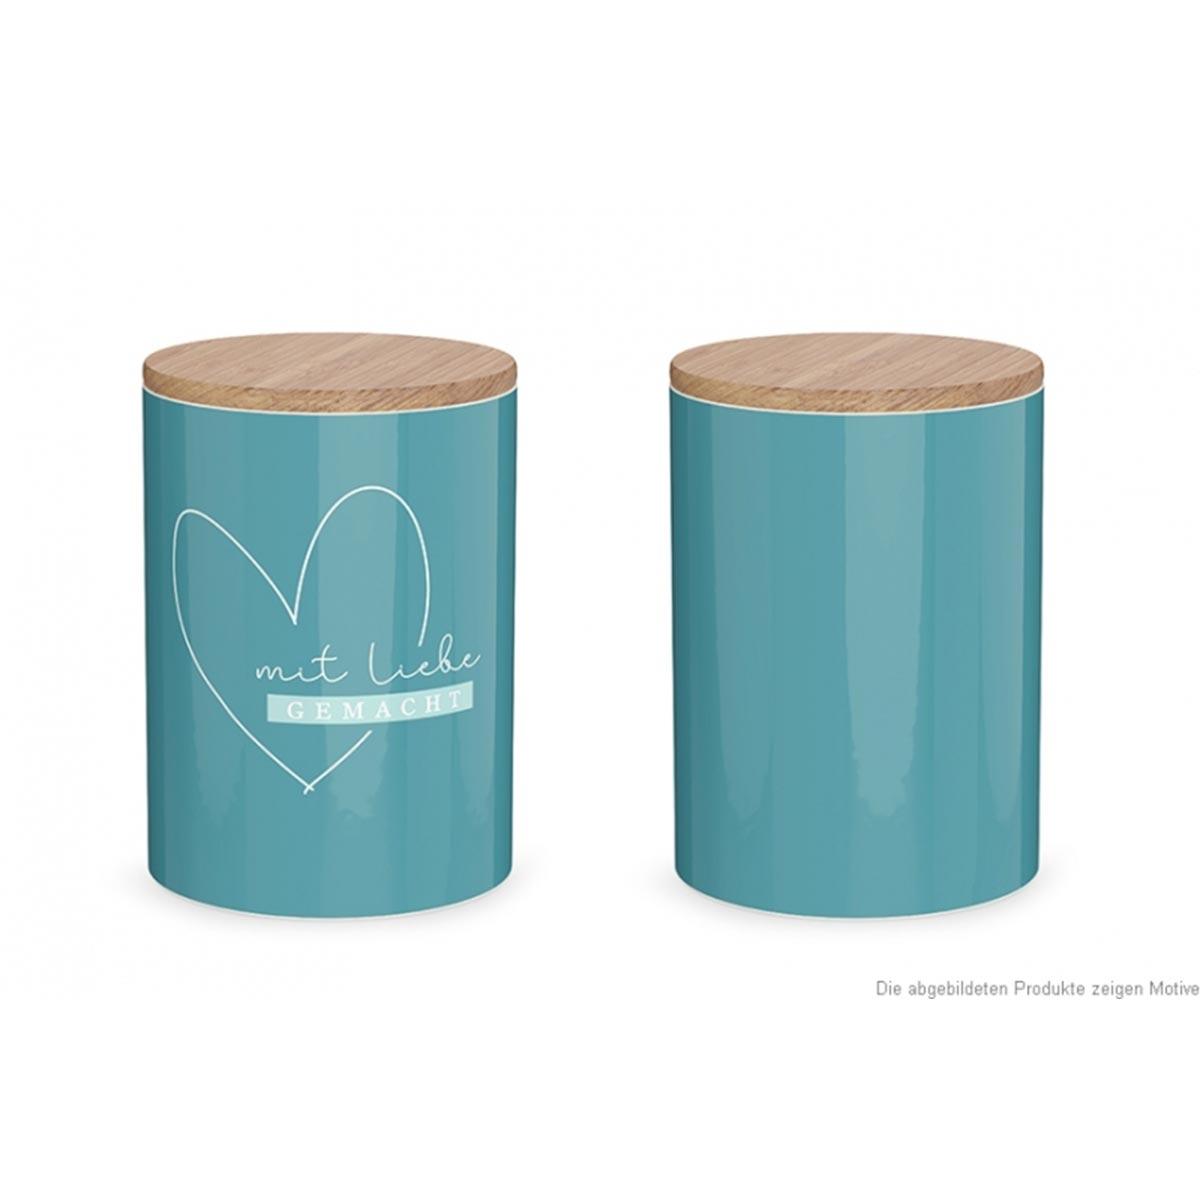 La Vida Vorratsdose Herz Mit Liebe gemacht Porzellan mit Bambusdeckel türkis natur 11x16cm